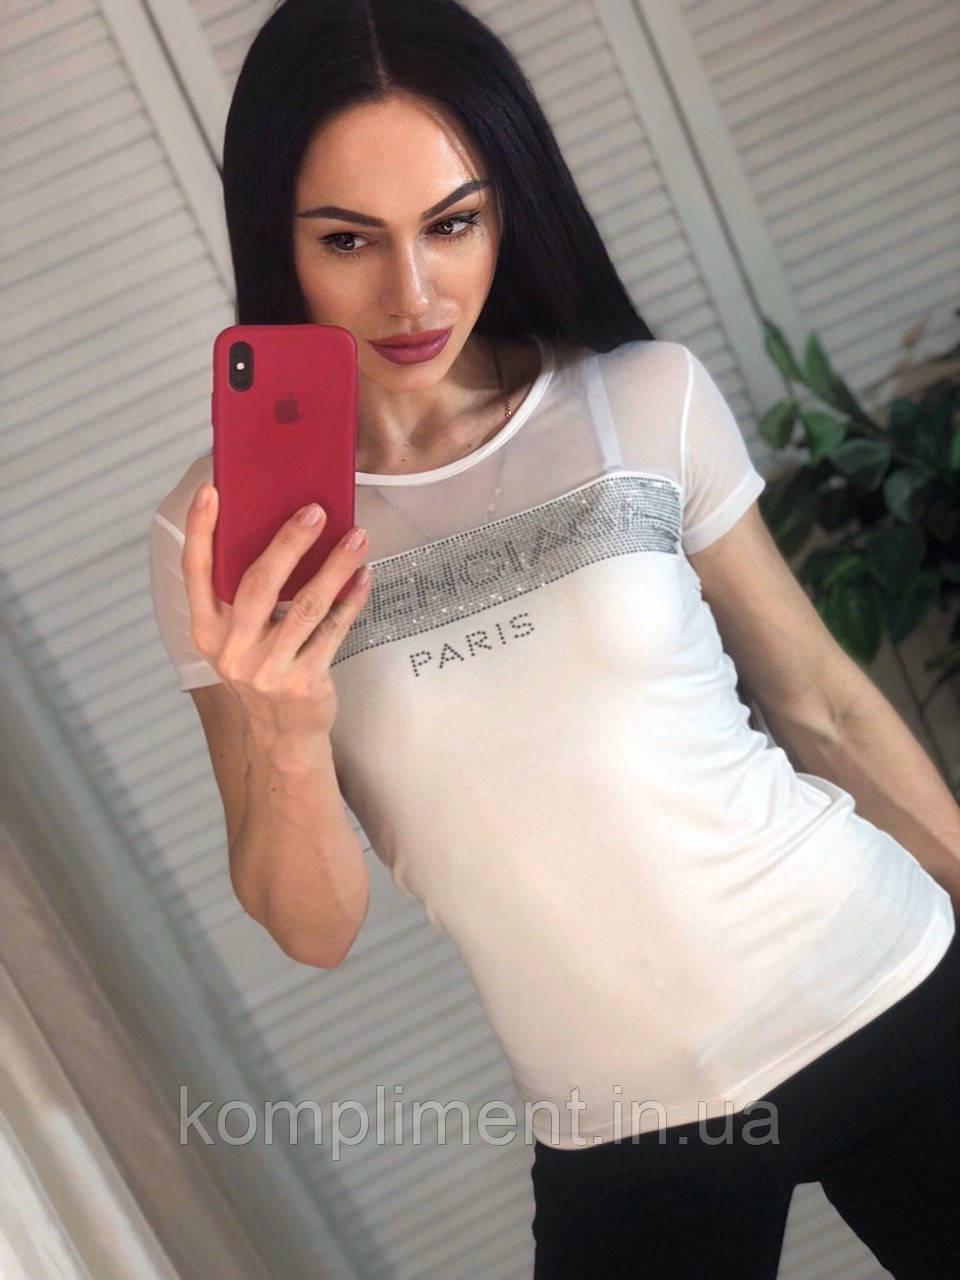 Модна жіноча турецька футболка з написом з каменів, біла